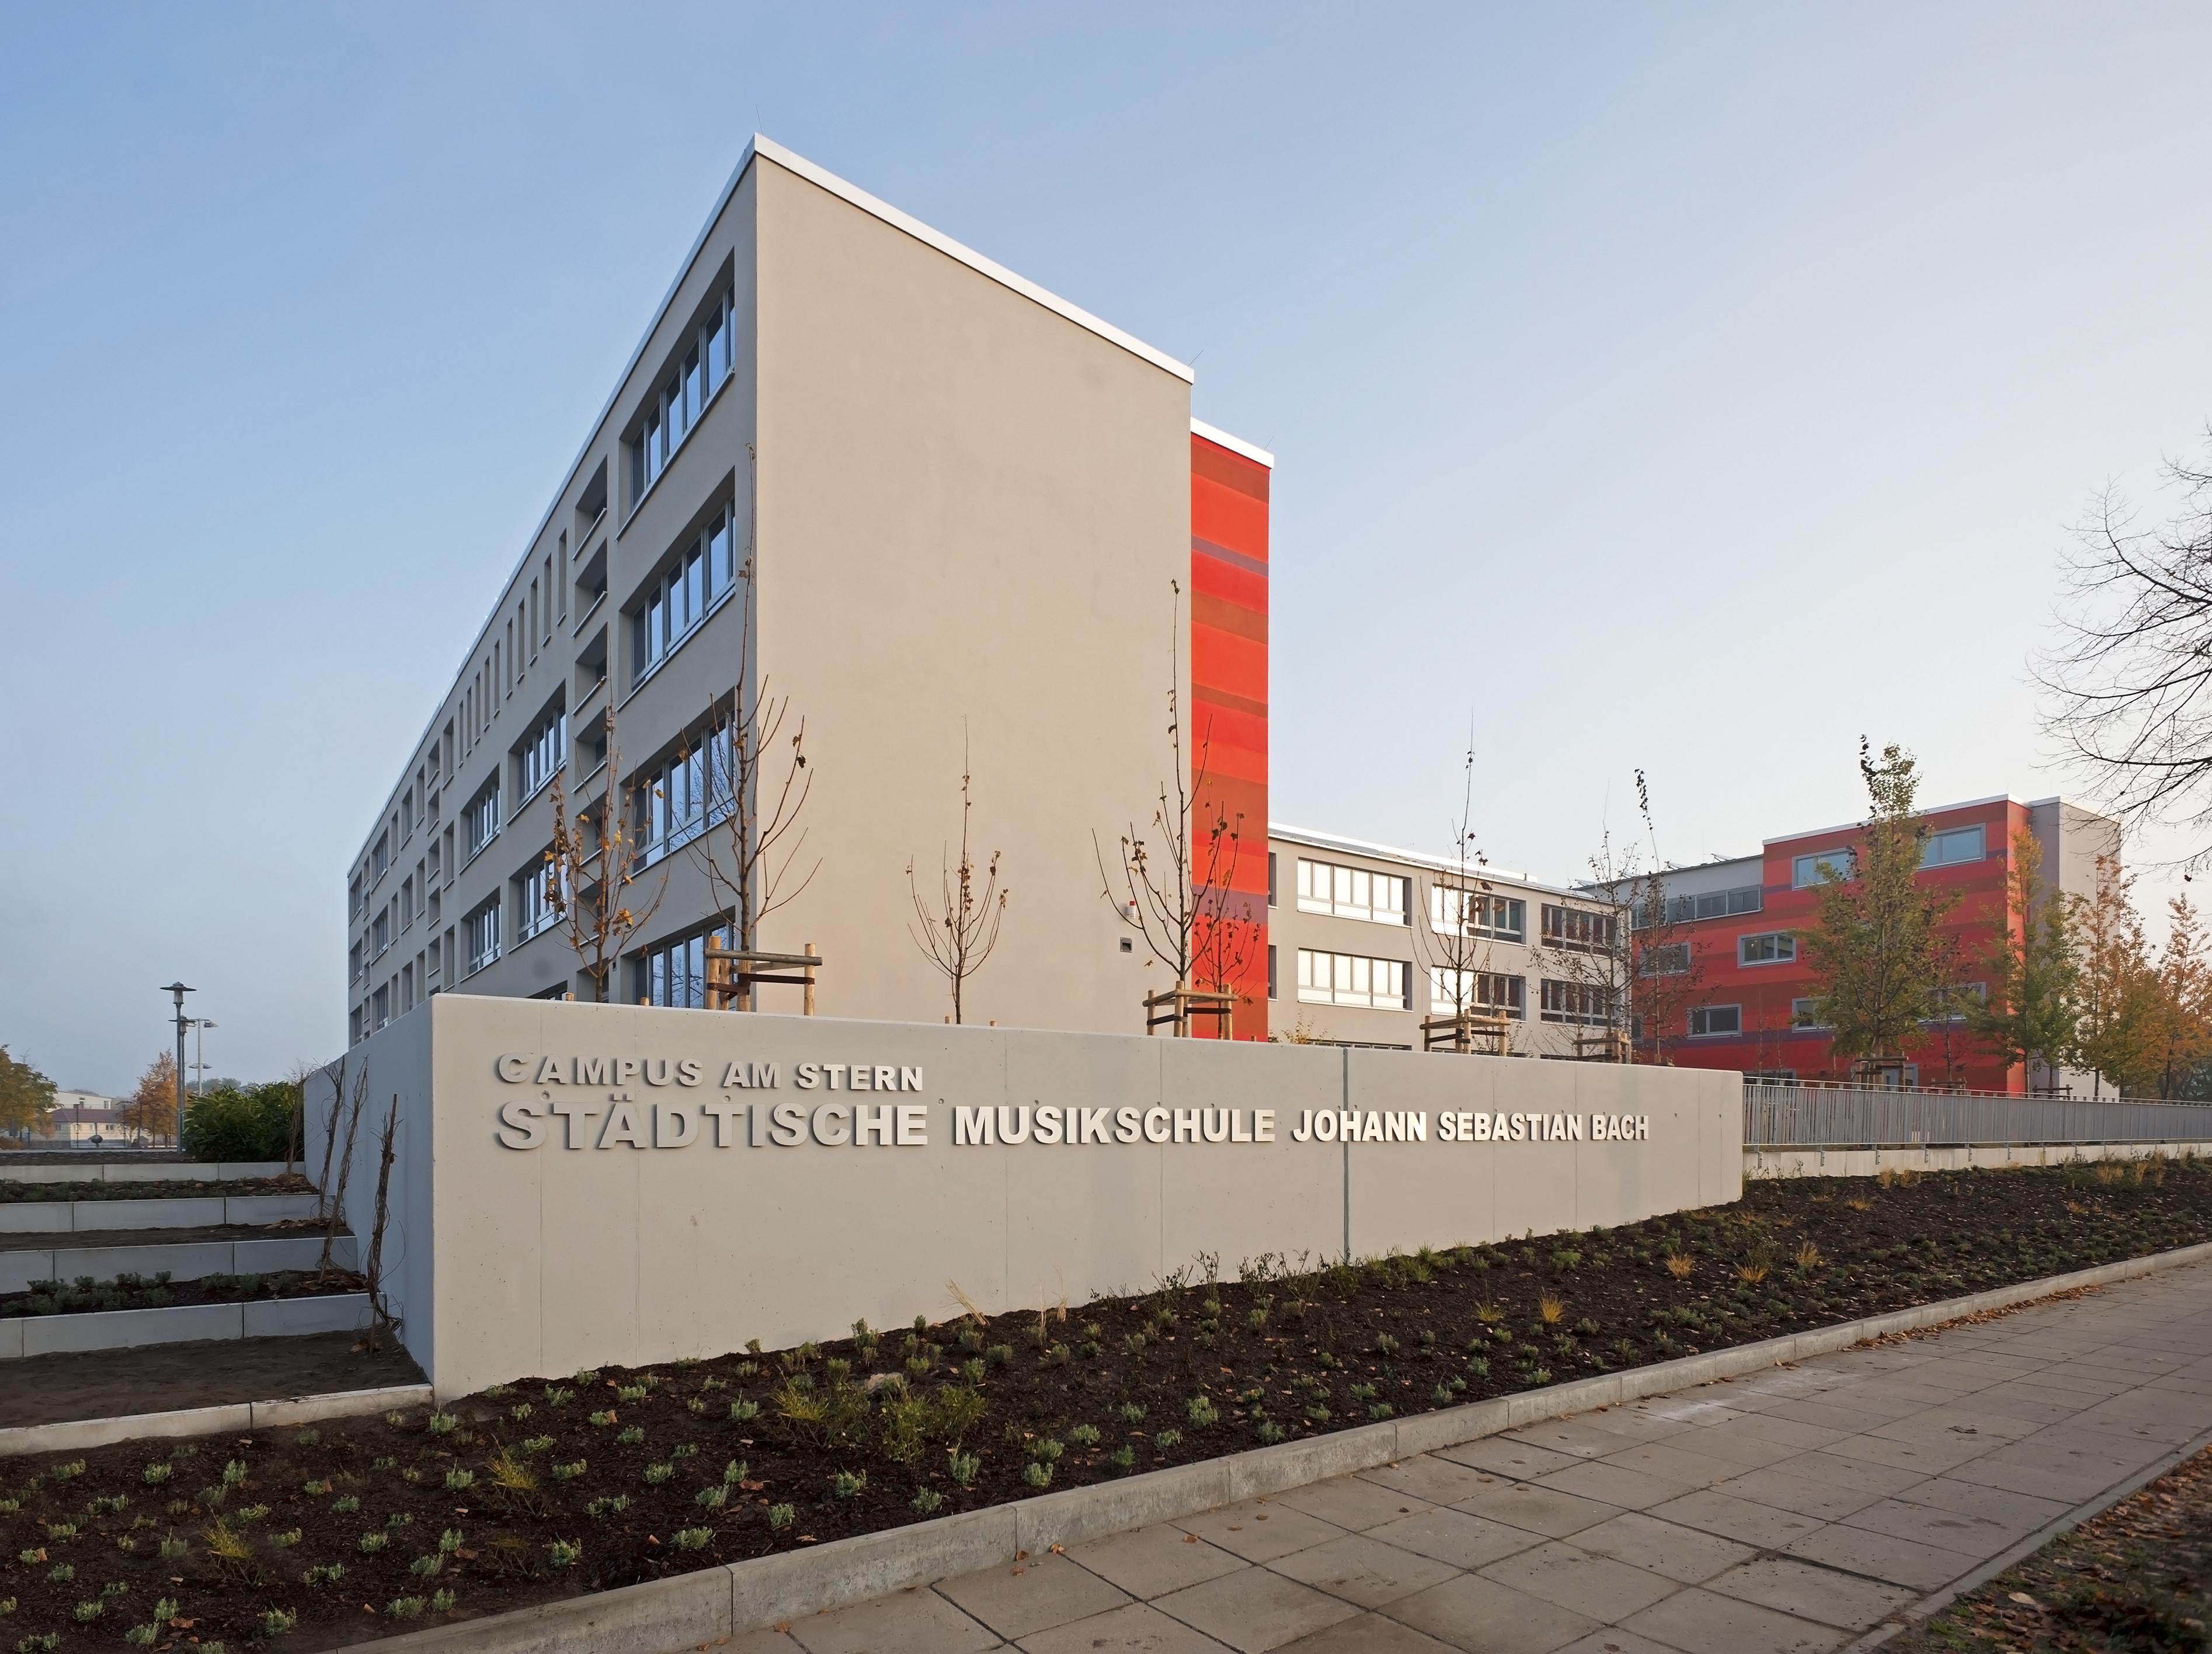 Gebäude der Städtischen Musikschule Johann Sebastian Bach